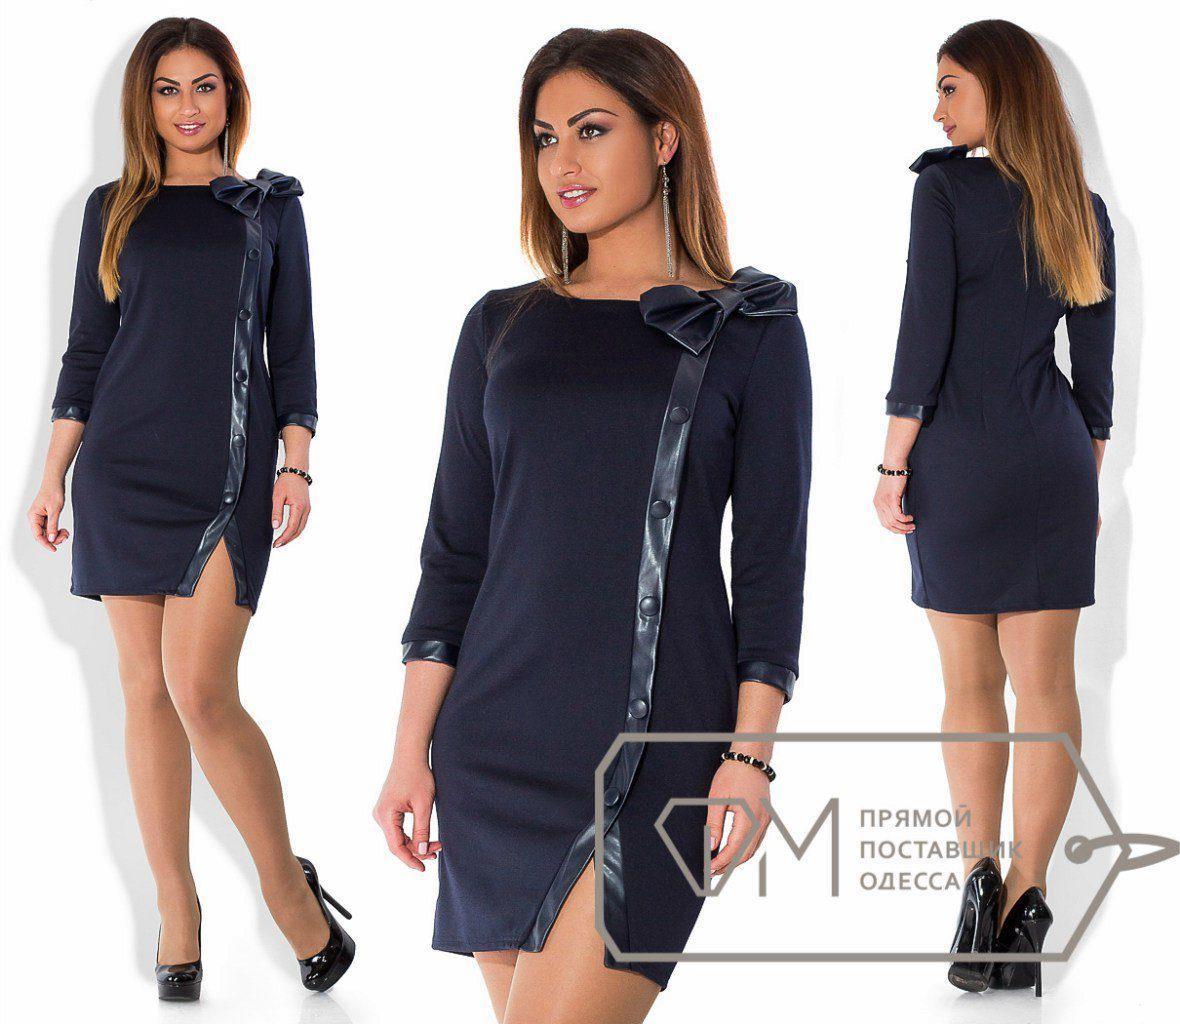 """Элегантное женское платье со вставками эко кожи, ткань """"Французский трикотаж"""" 52 размер батал"""